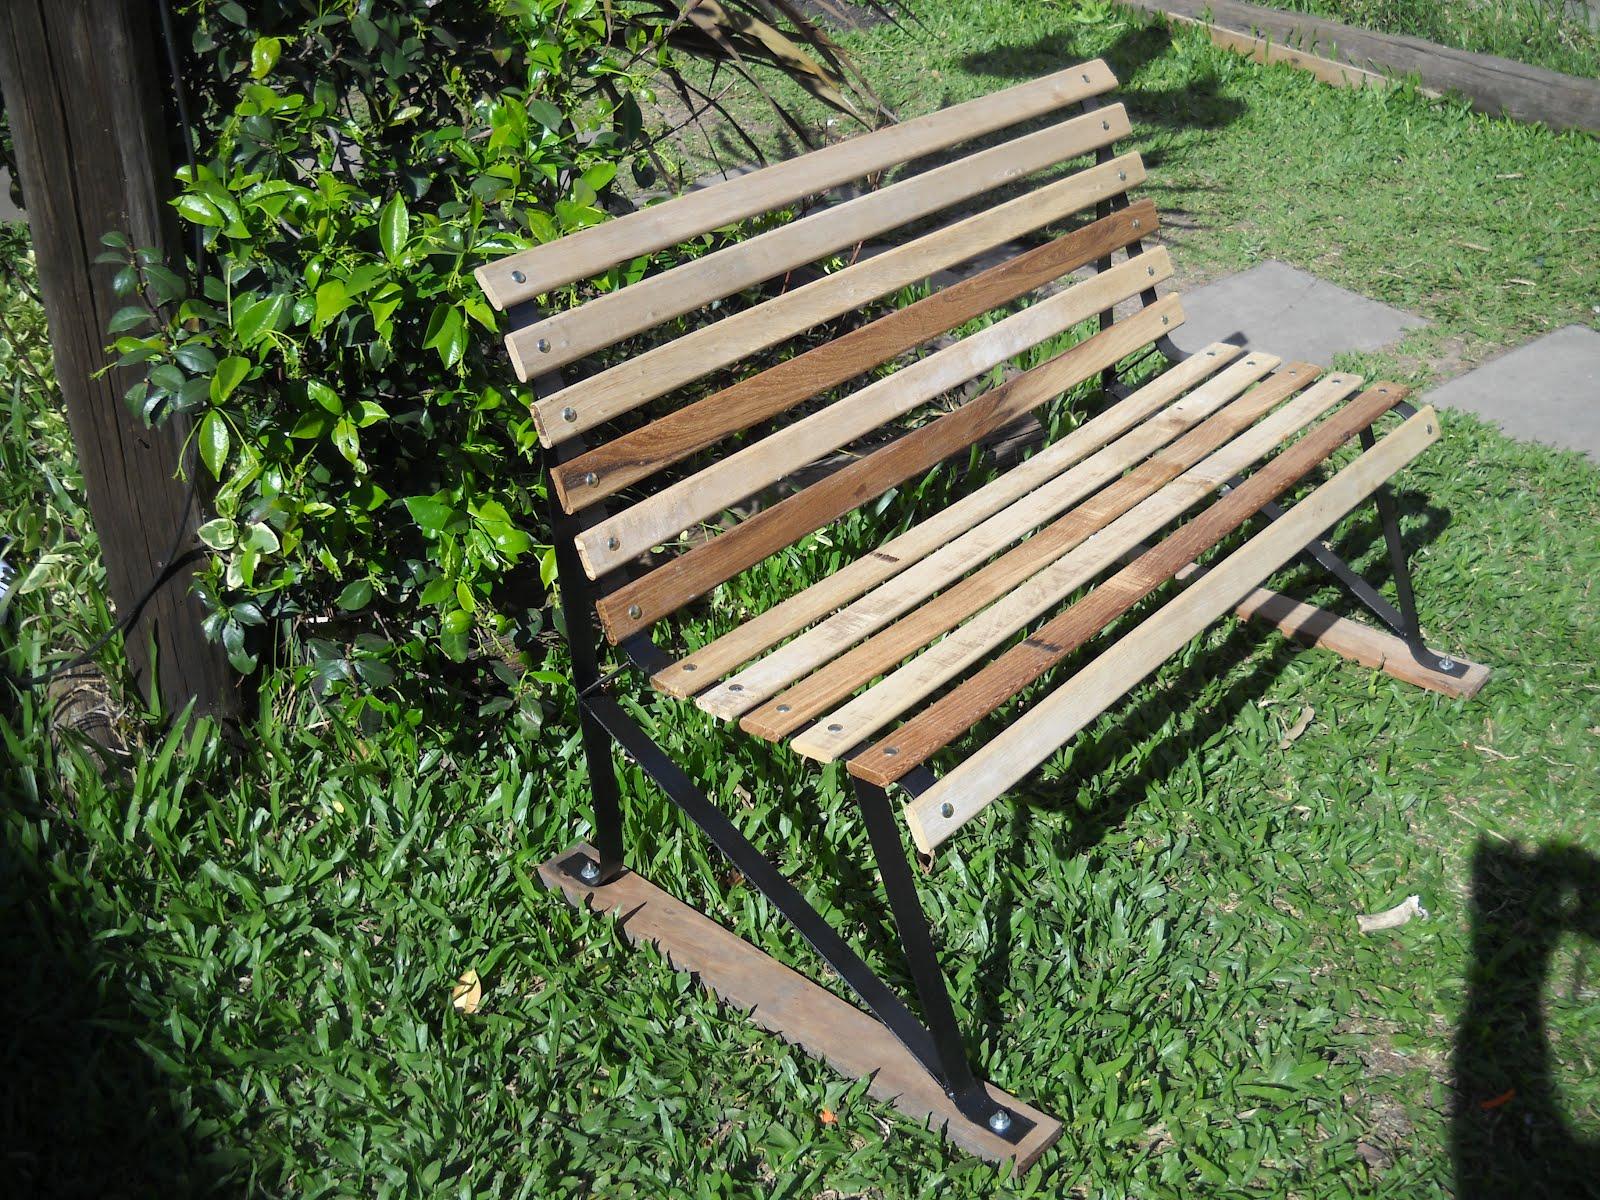 Malgor muebles banco tipo plaza infantil hierro y madera for Banco de jardin de hierro y madera